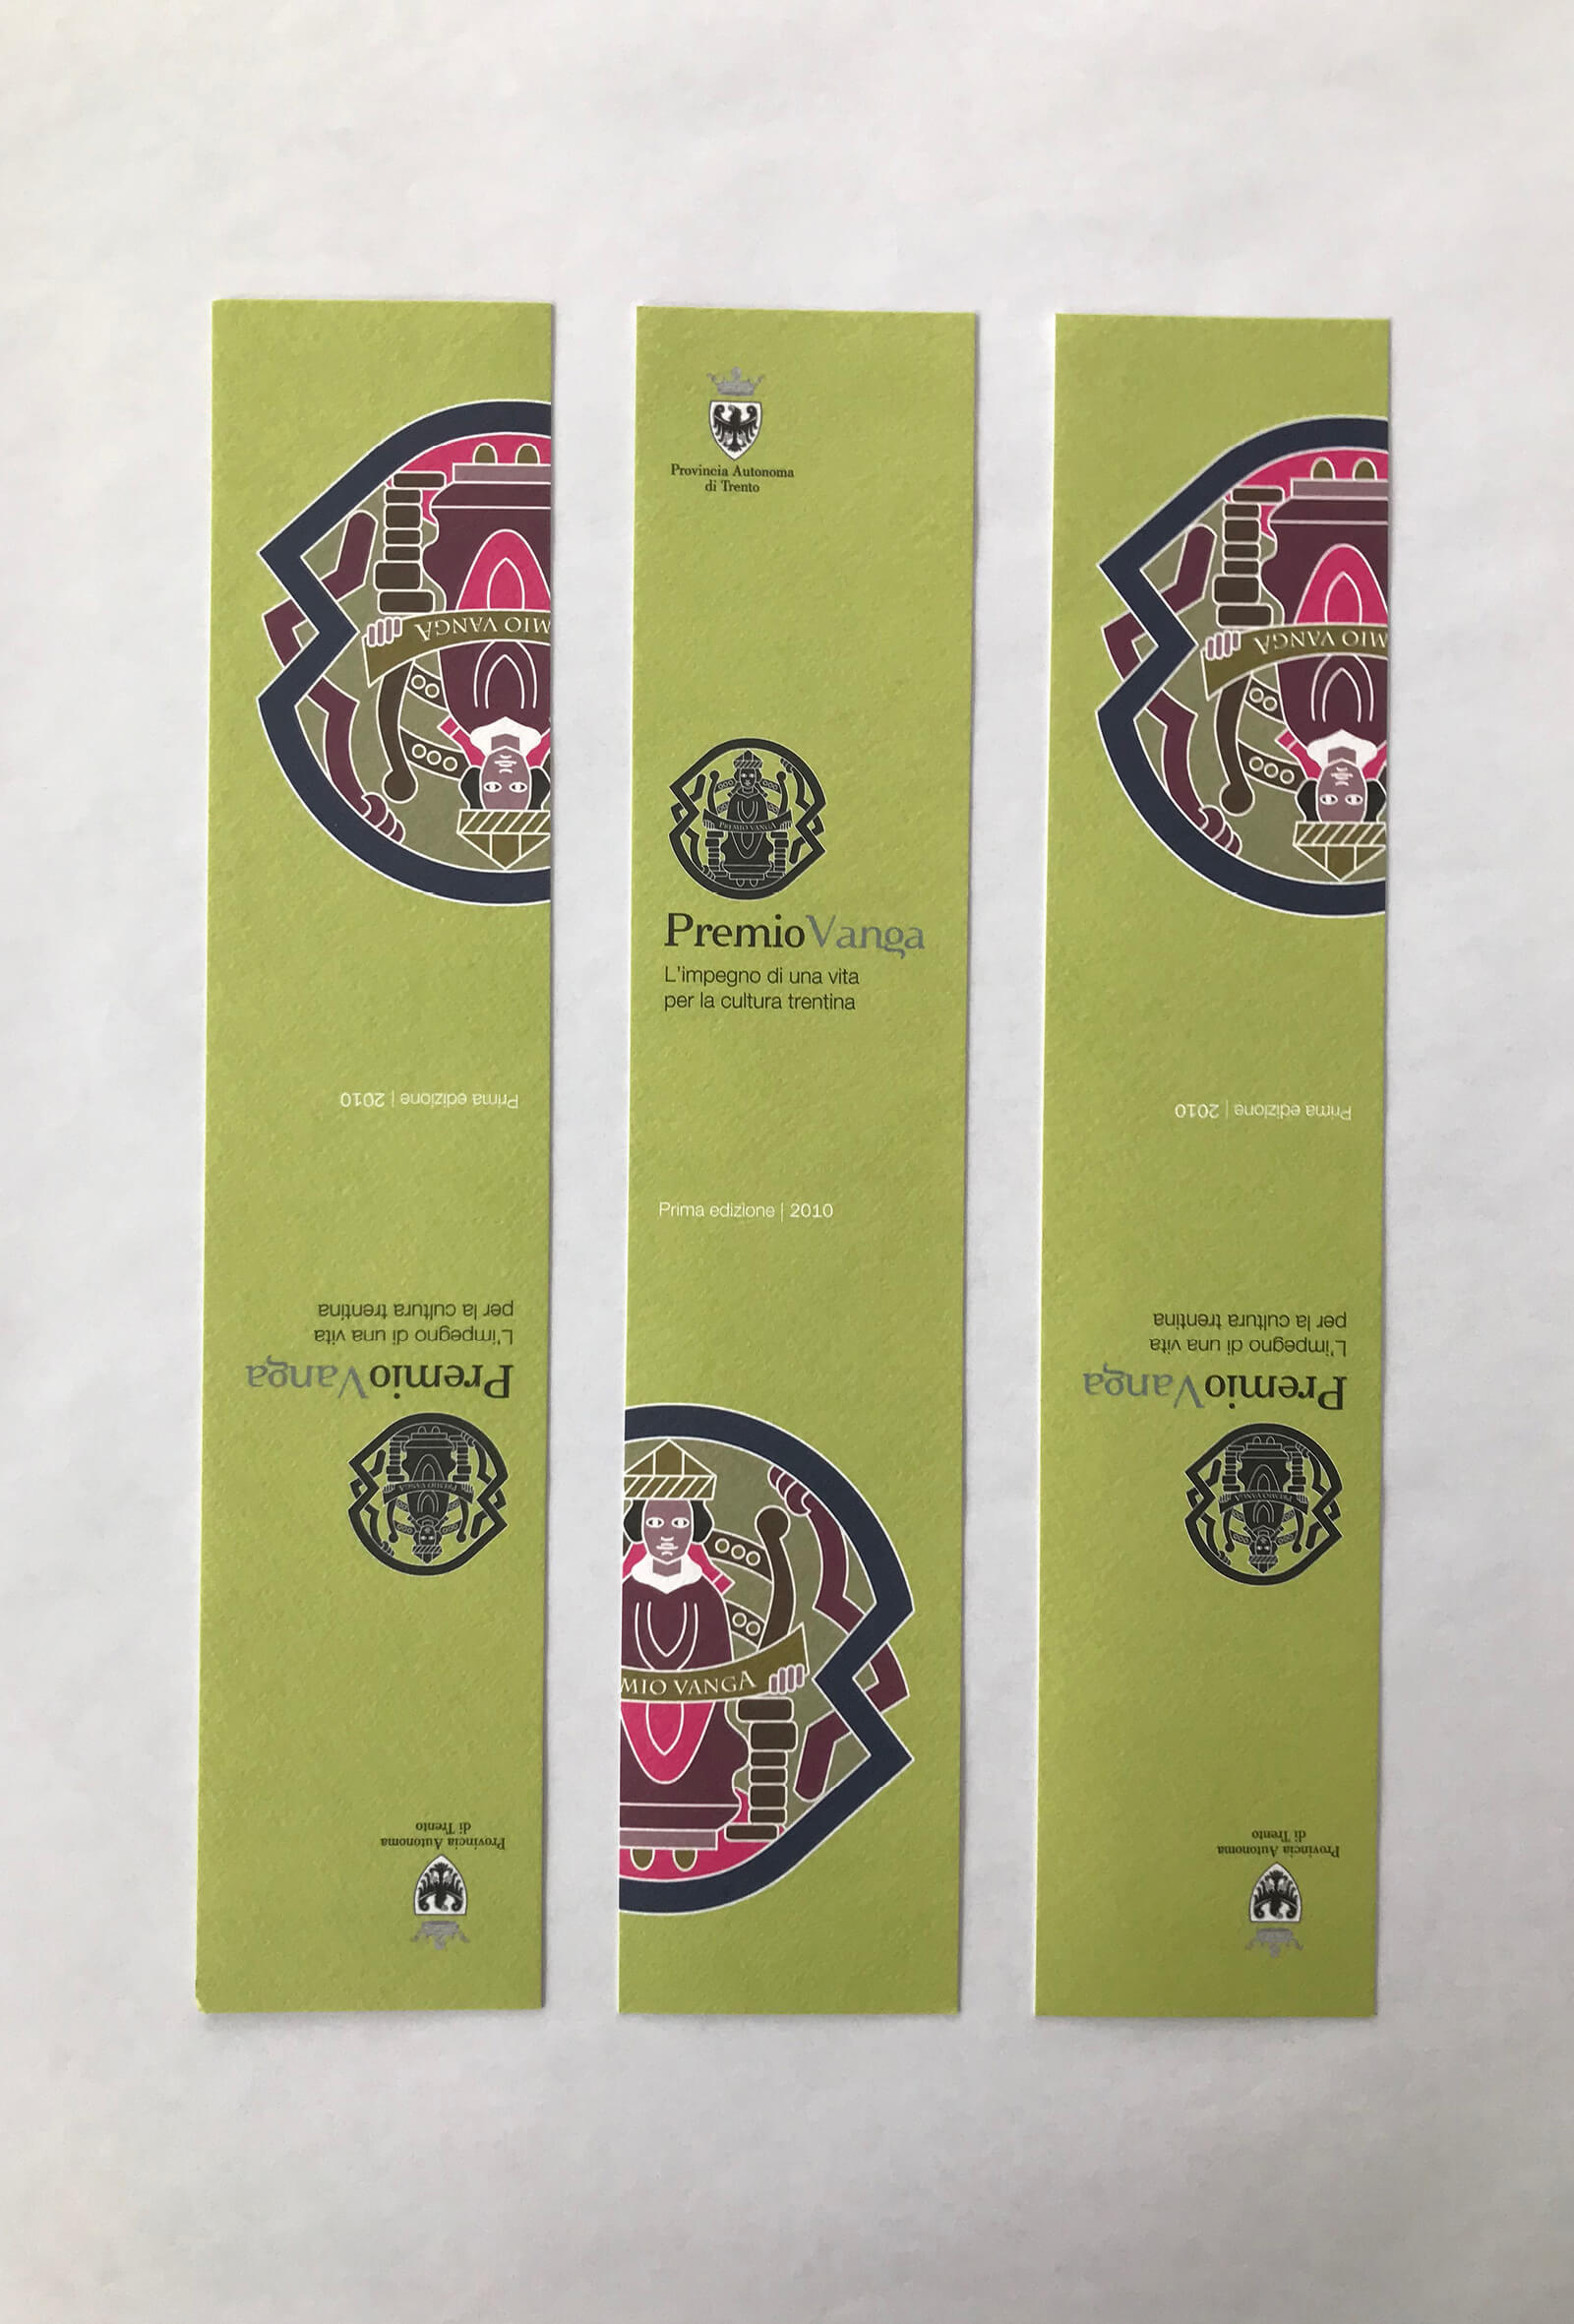 segnalibro illustrato creato per l'evento Premio Vanga dalla agenzia di pubblicità diadestudio arco trento